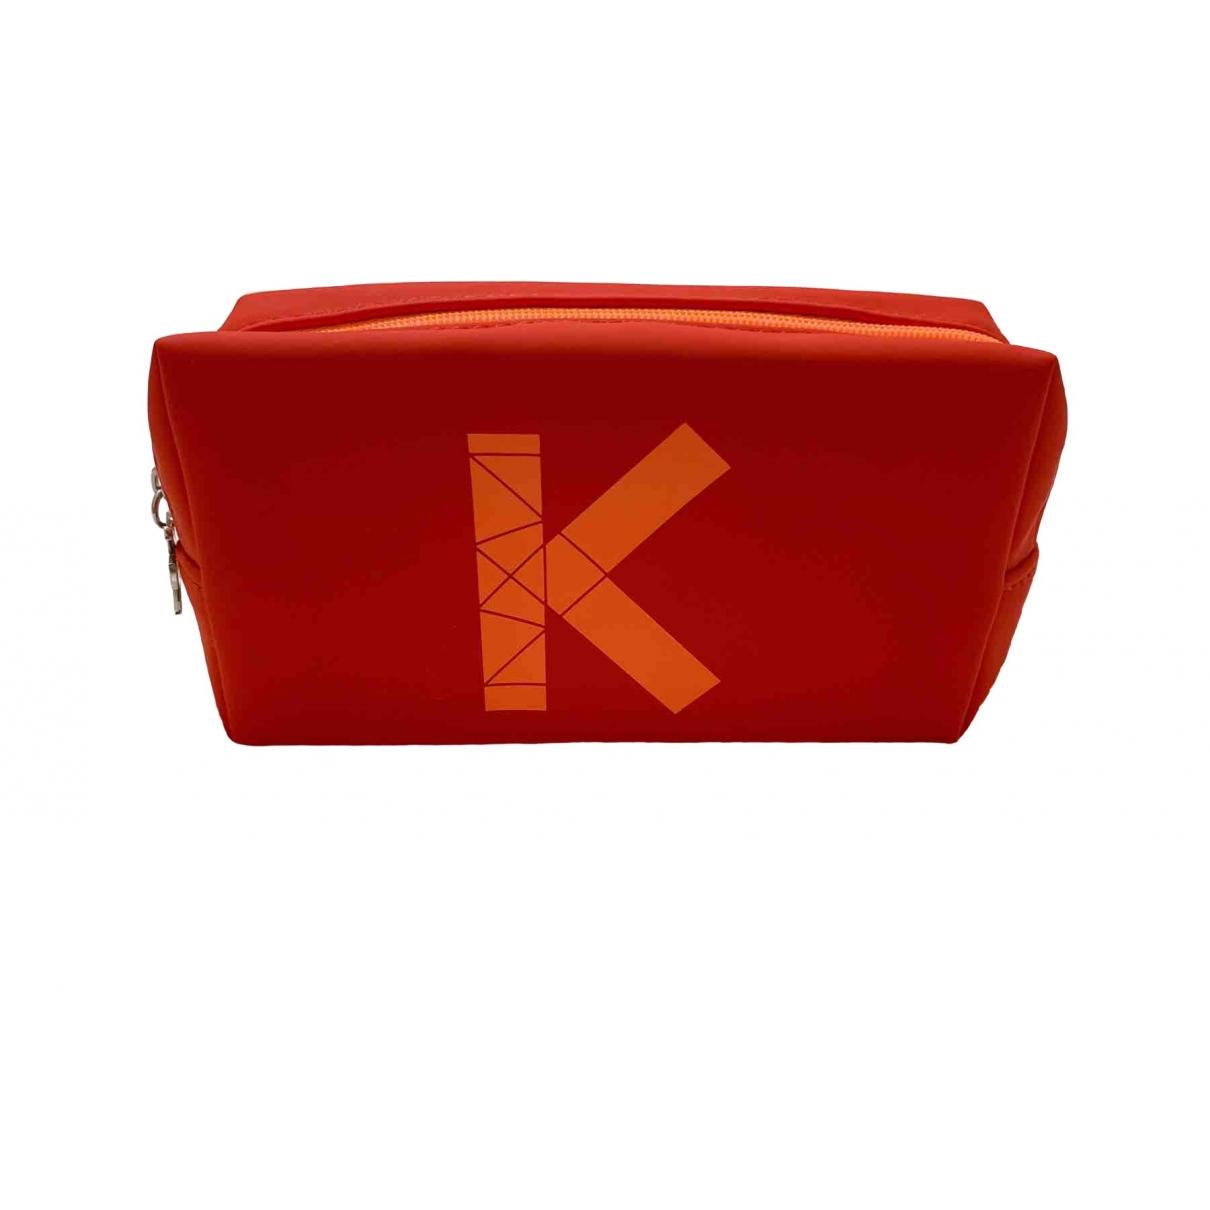 Kenzo - Sac de voyage   pour femme - rouge